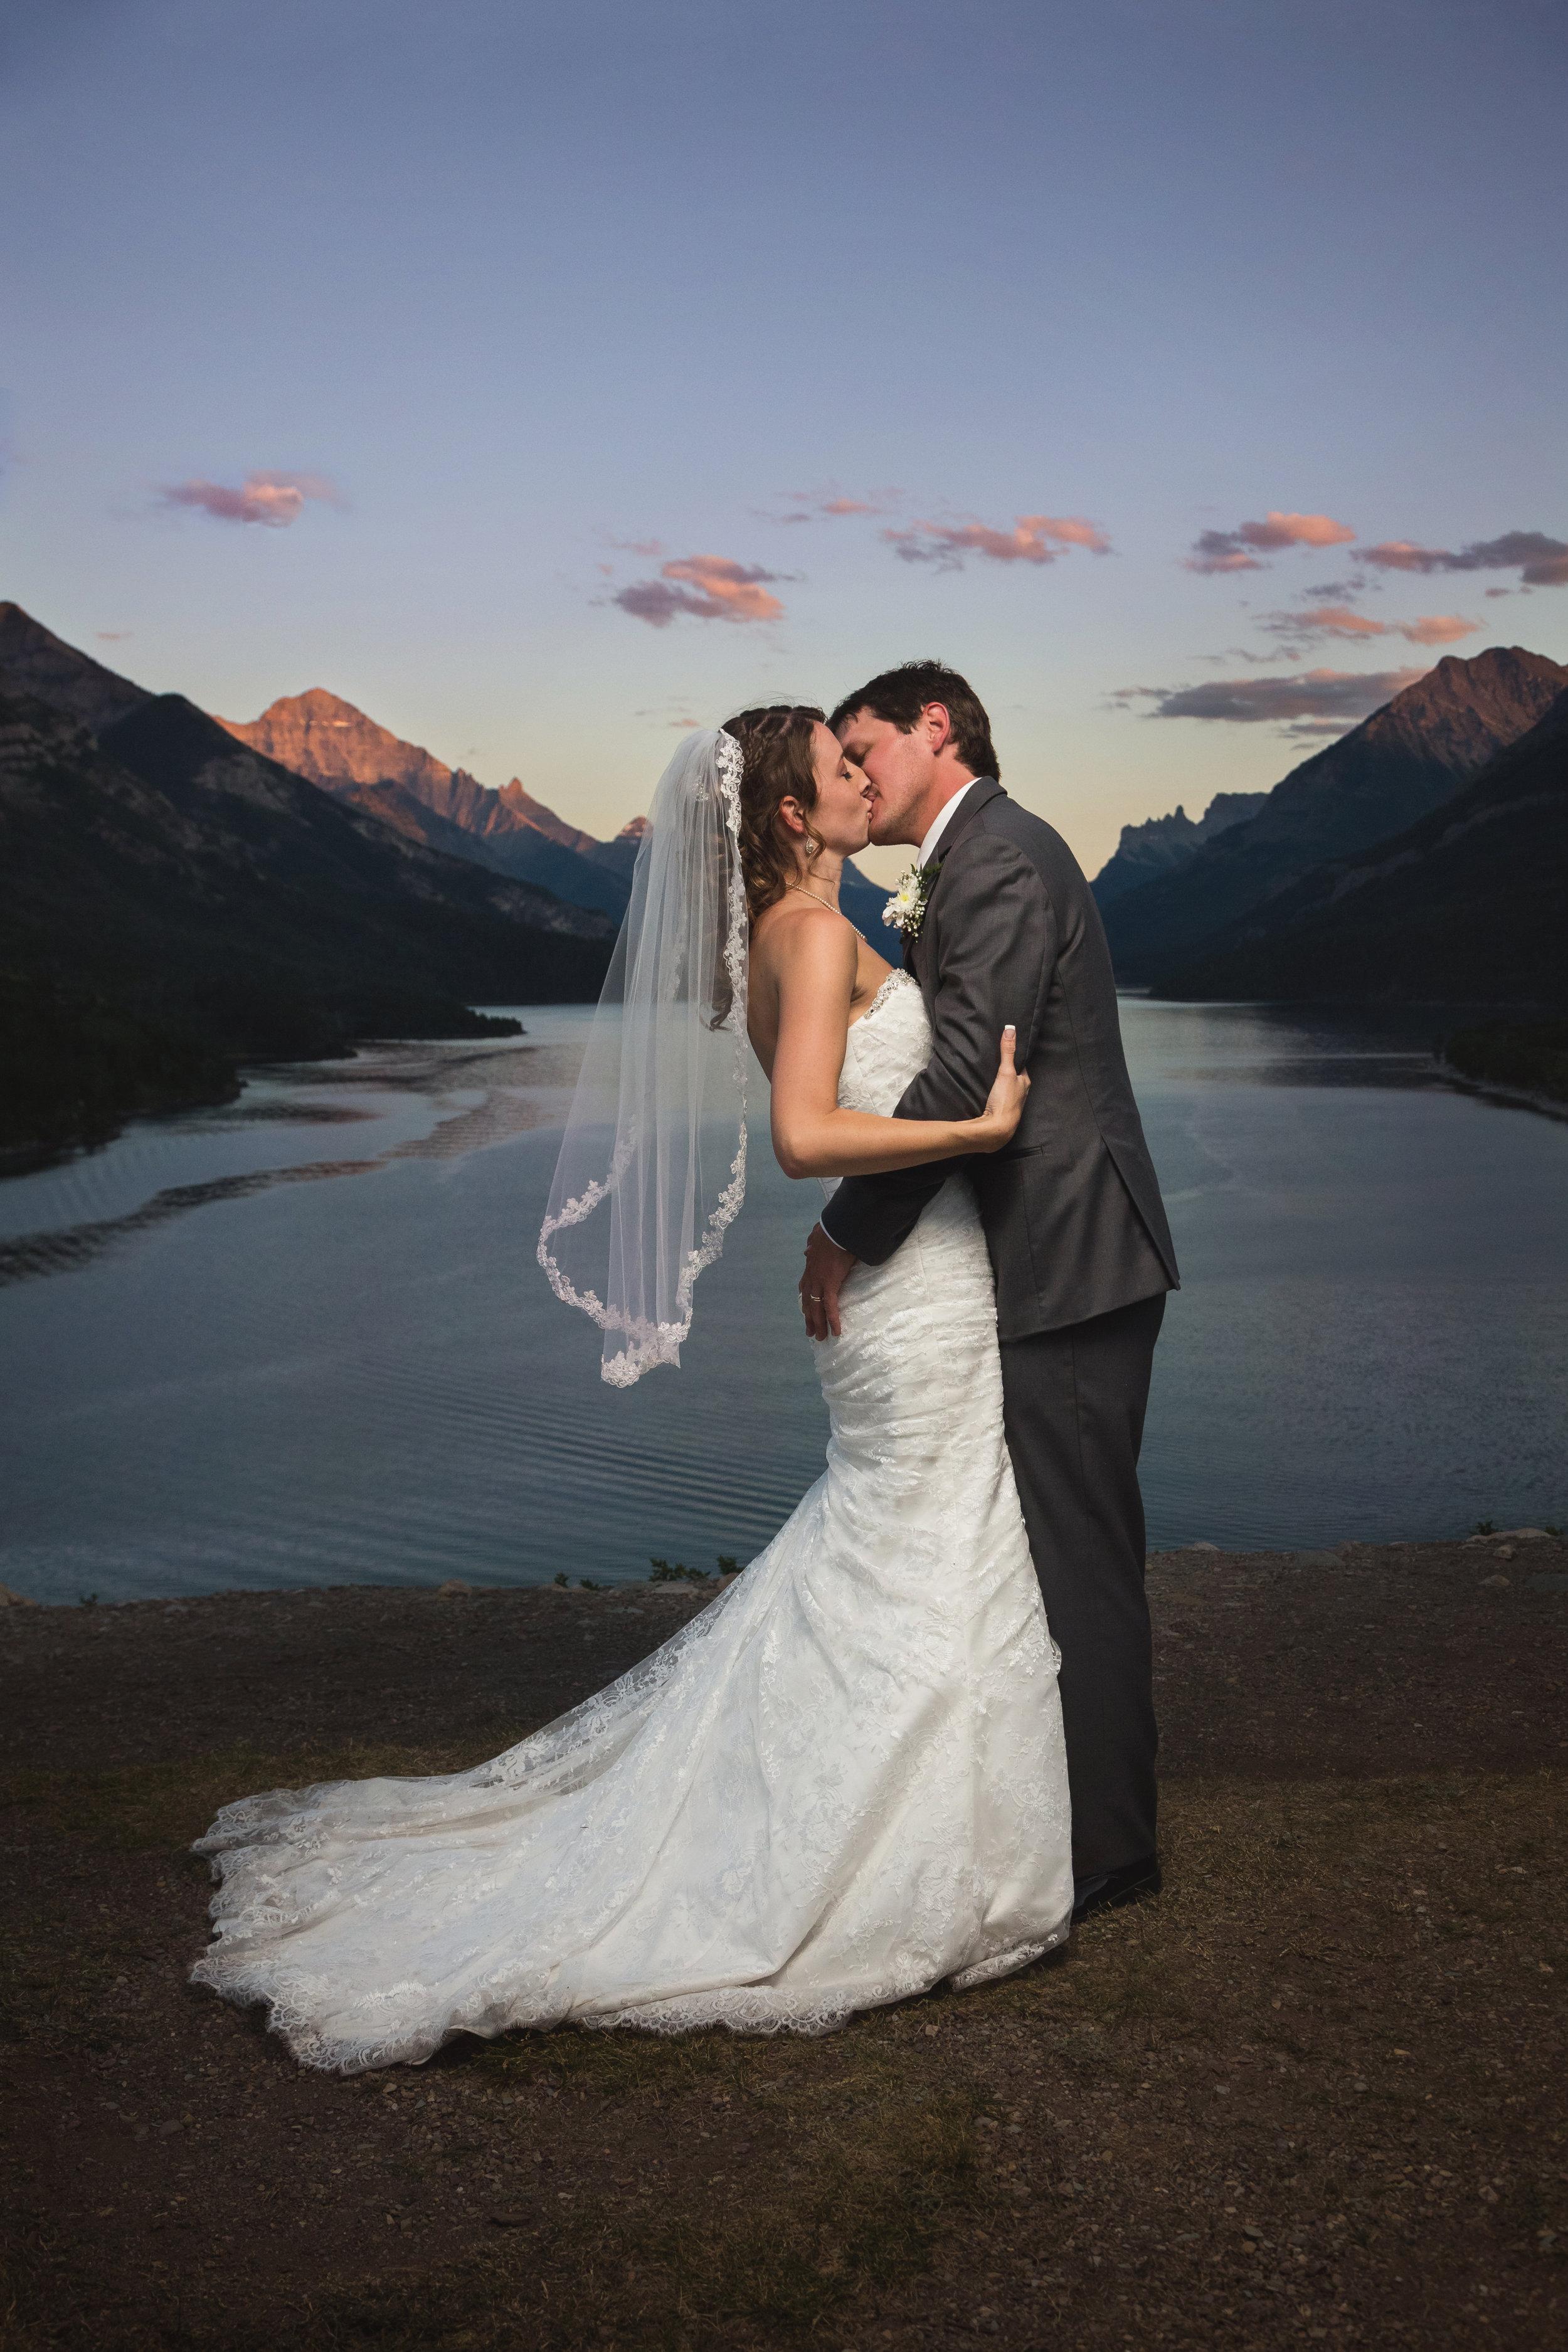 TJ_Wedding_398.jpg